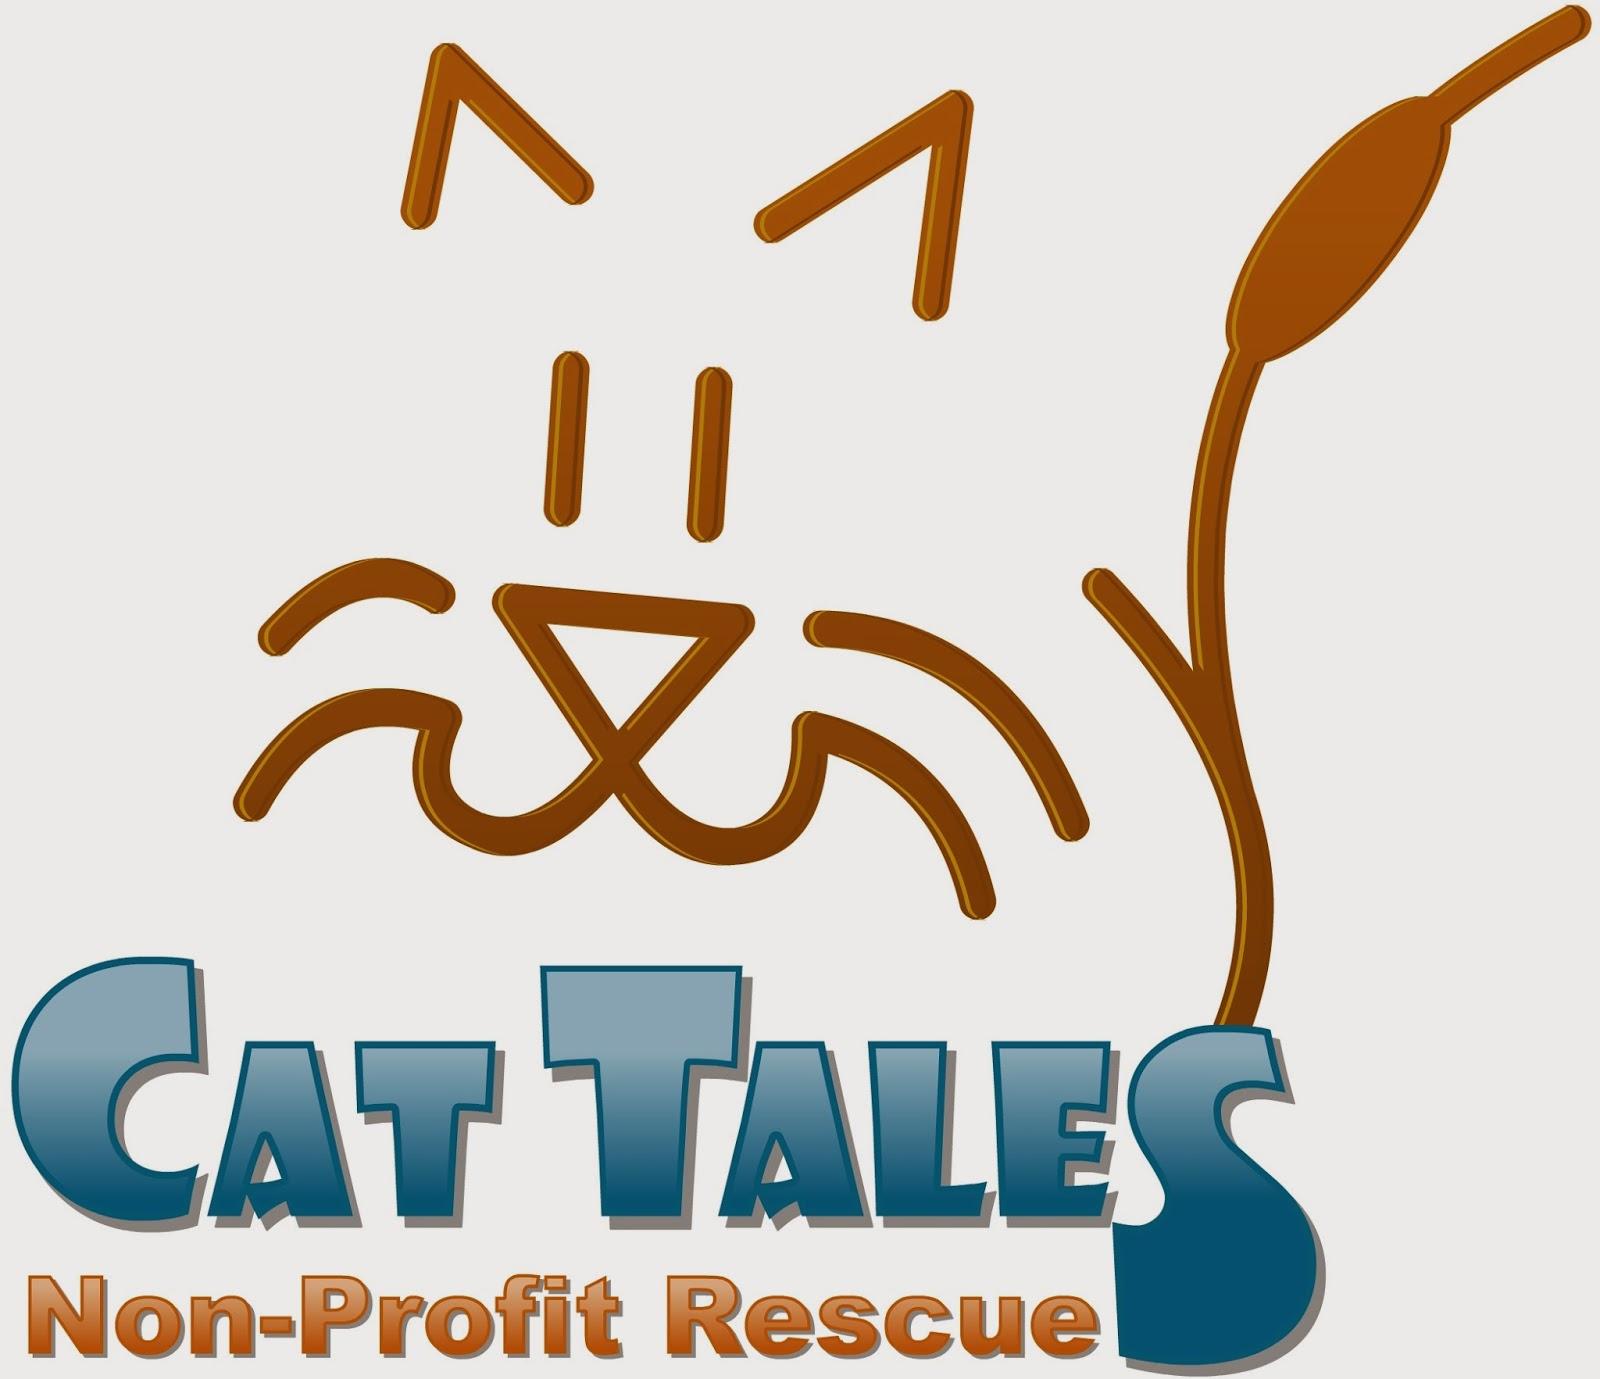 www.CatTalesCT.org